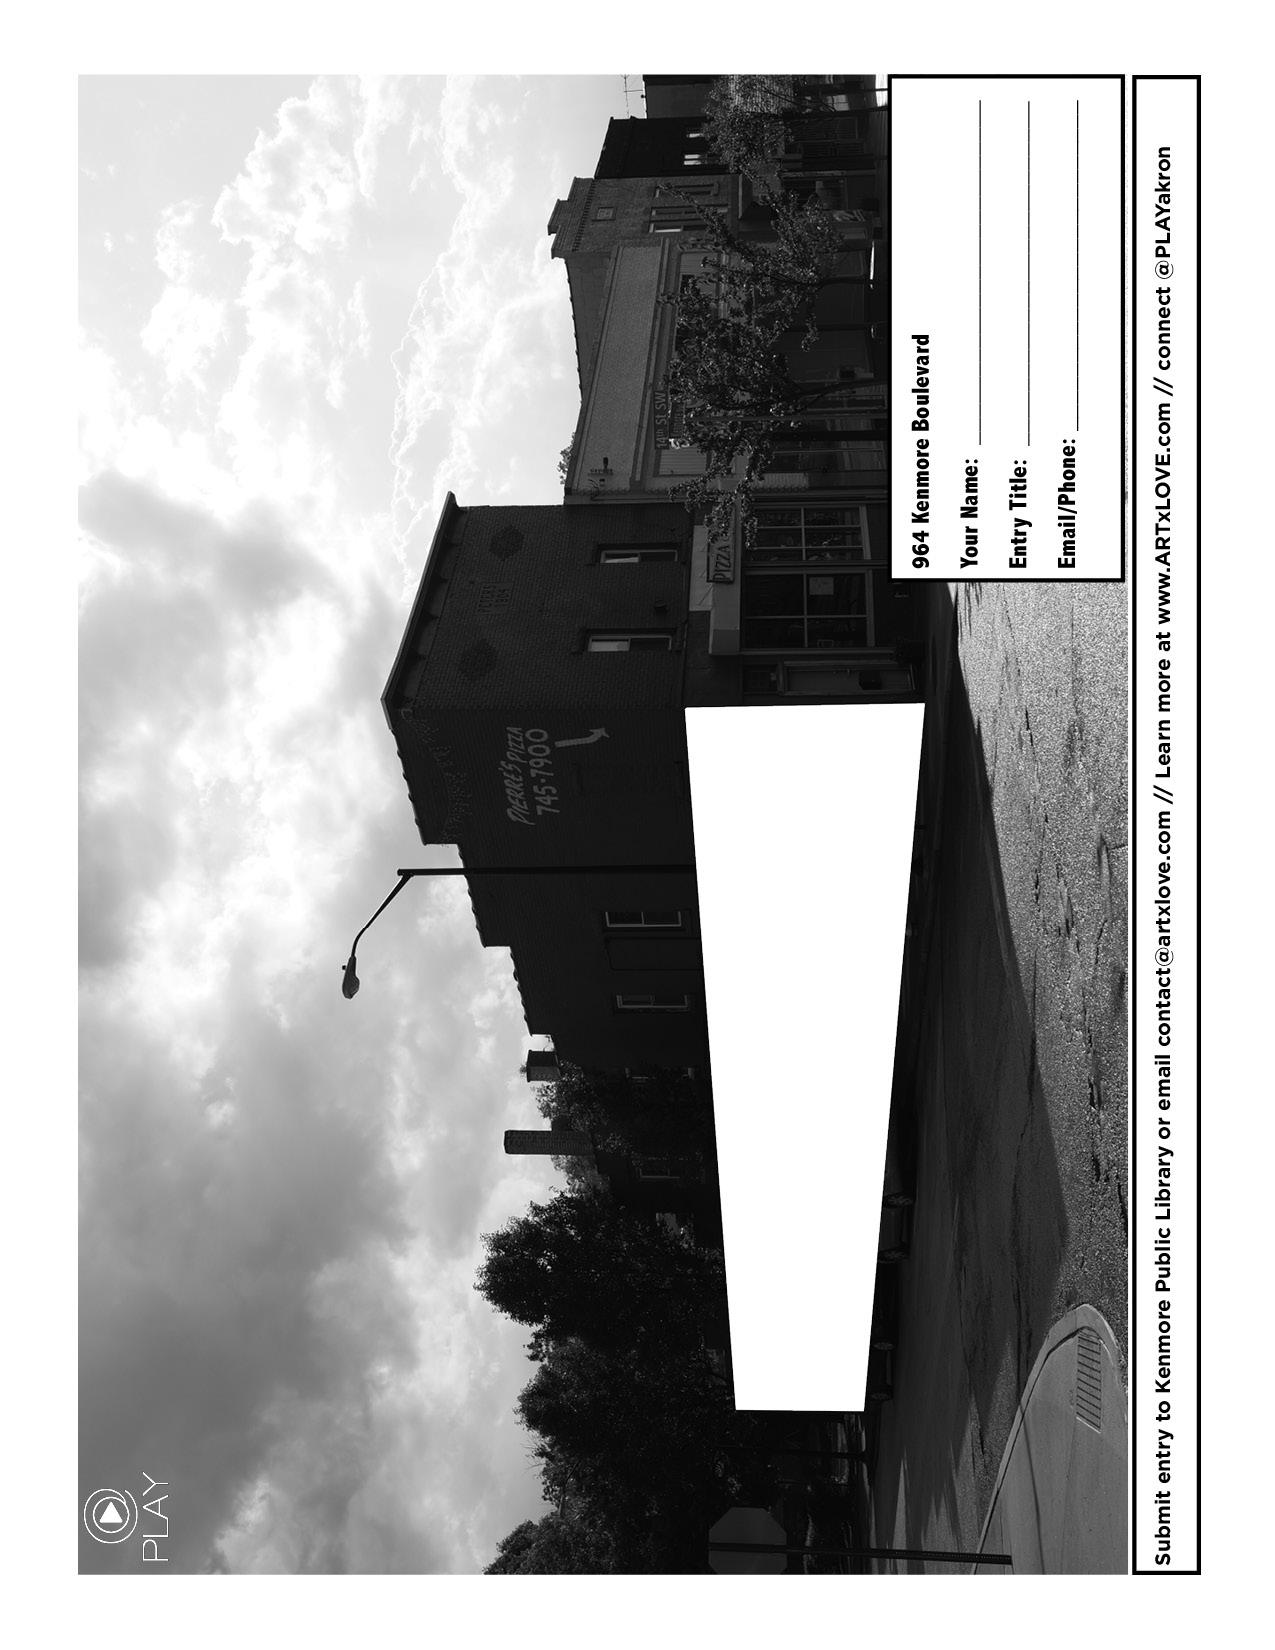 ARTxLOVE_Kenmore-Imagineer_coloring-book_final4.jpg